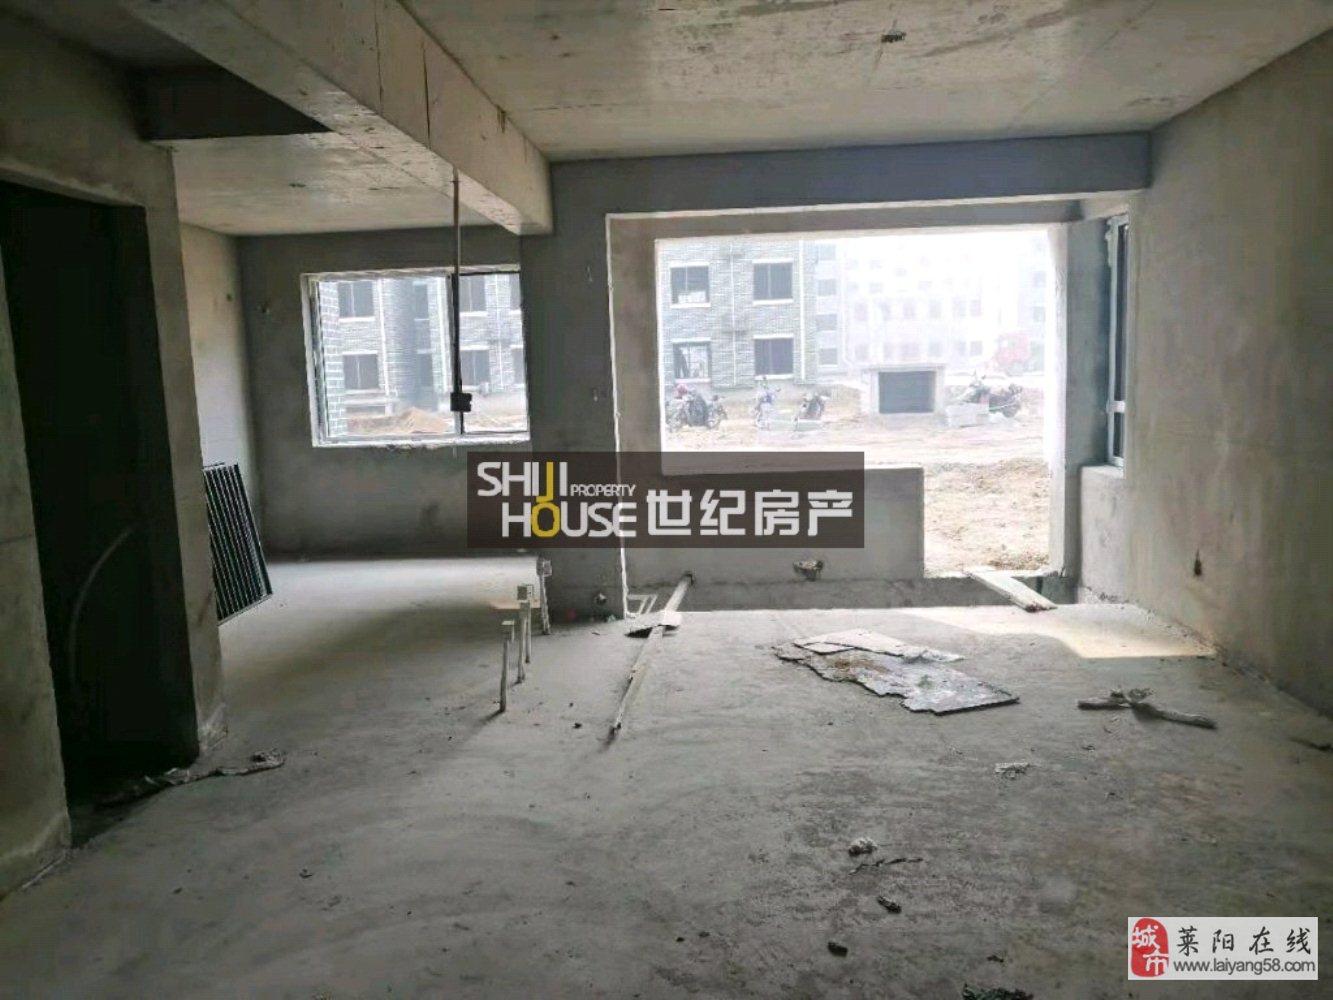 和平鑫城 顶账房2室2厅1卫49万元